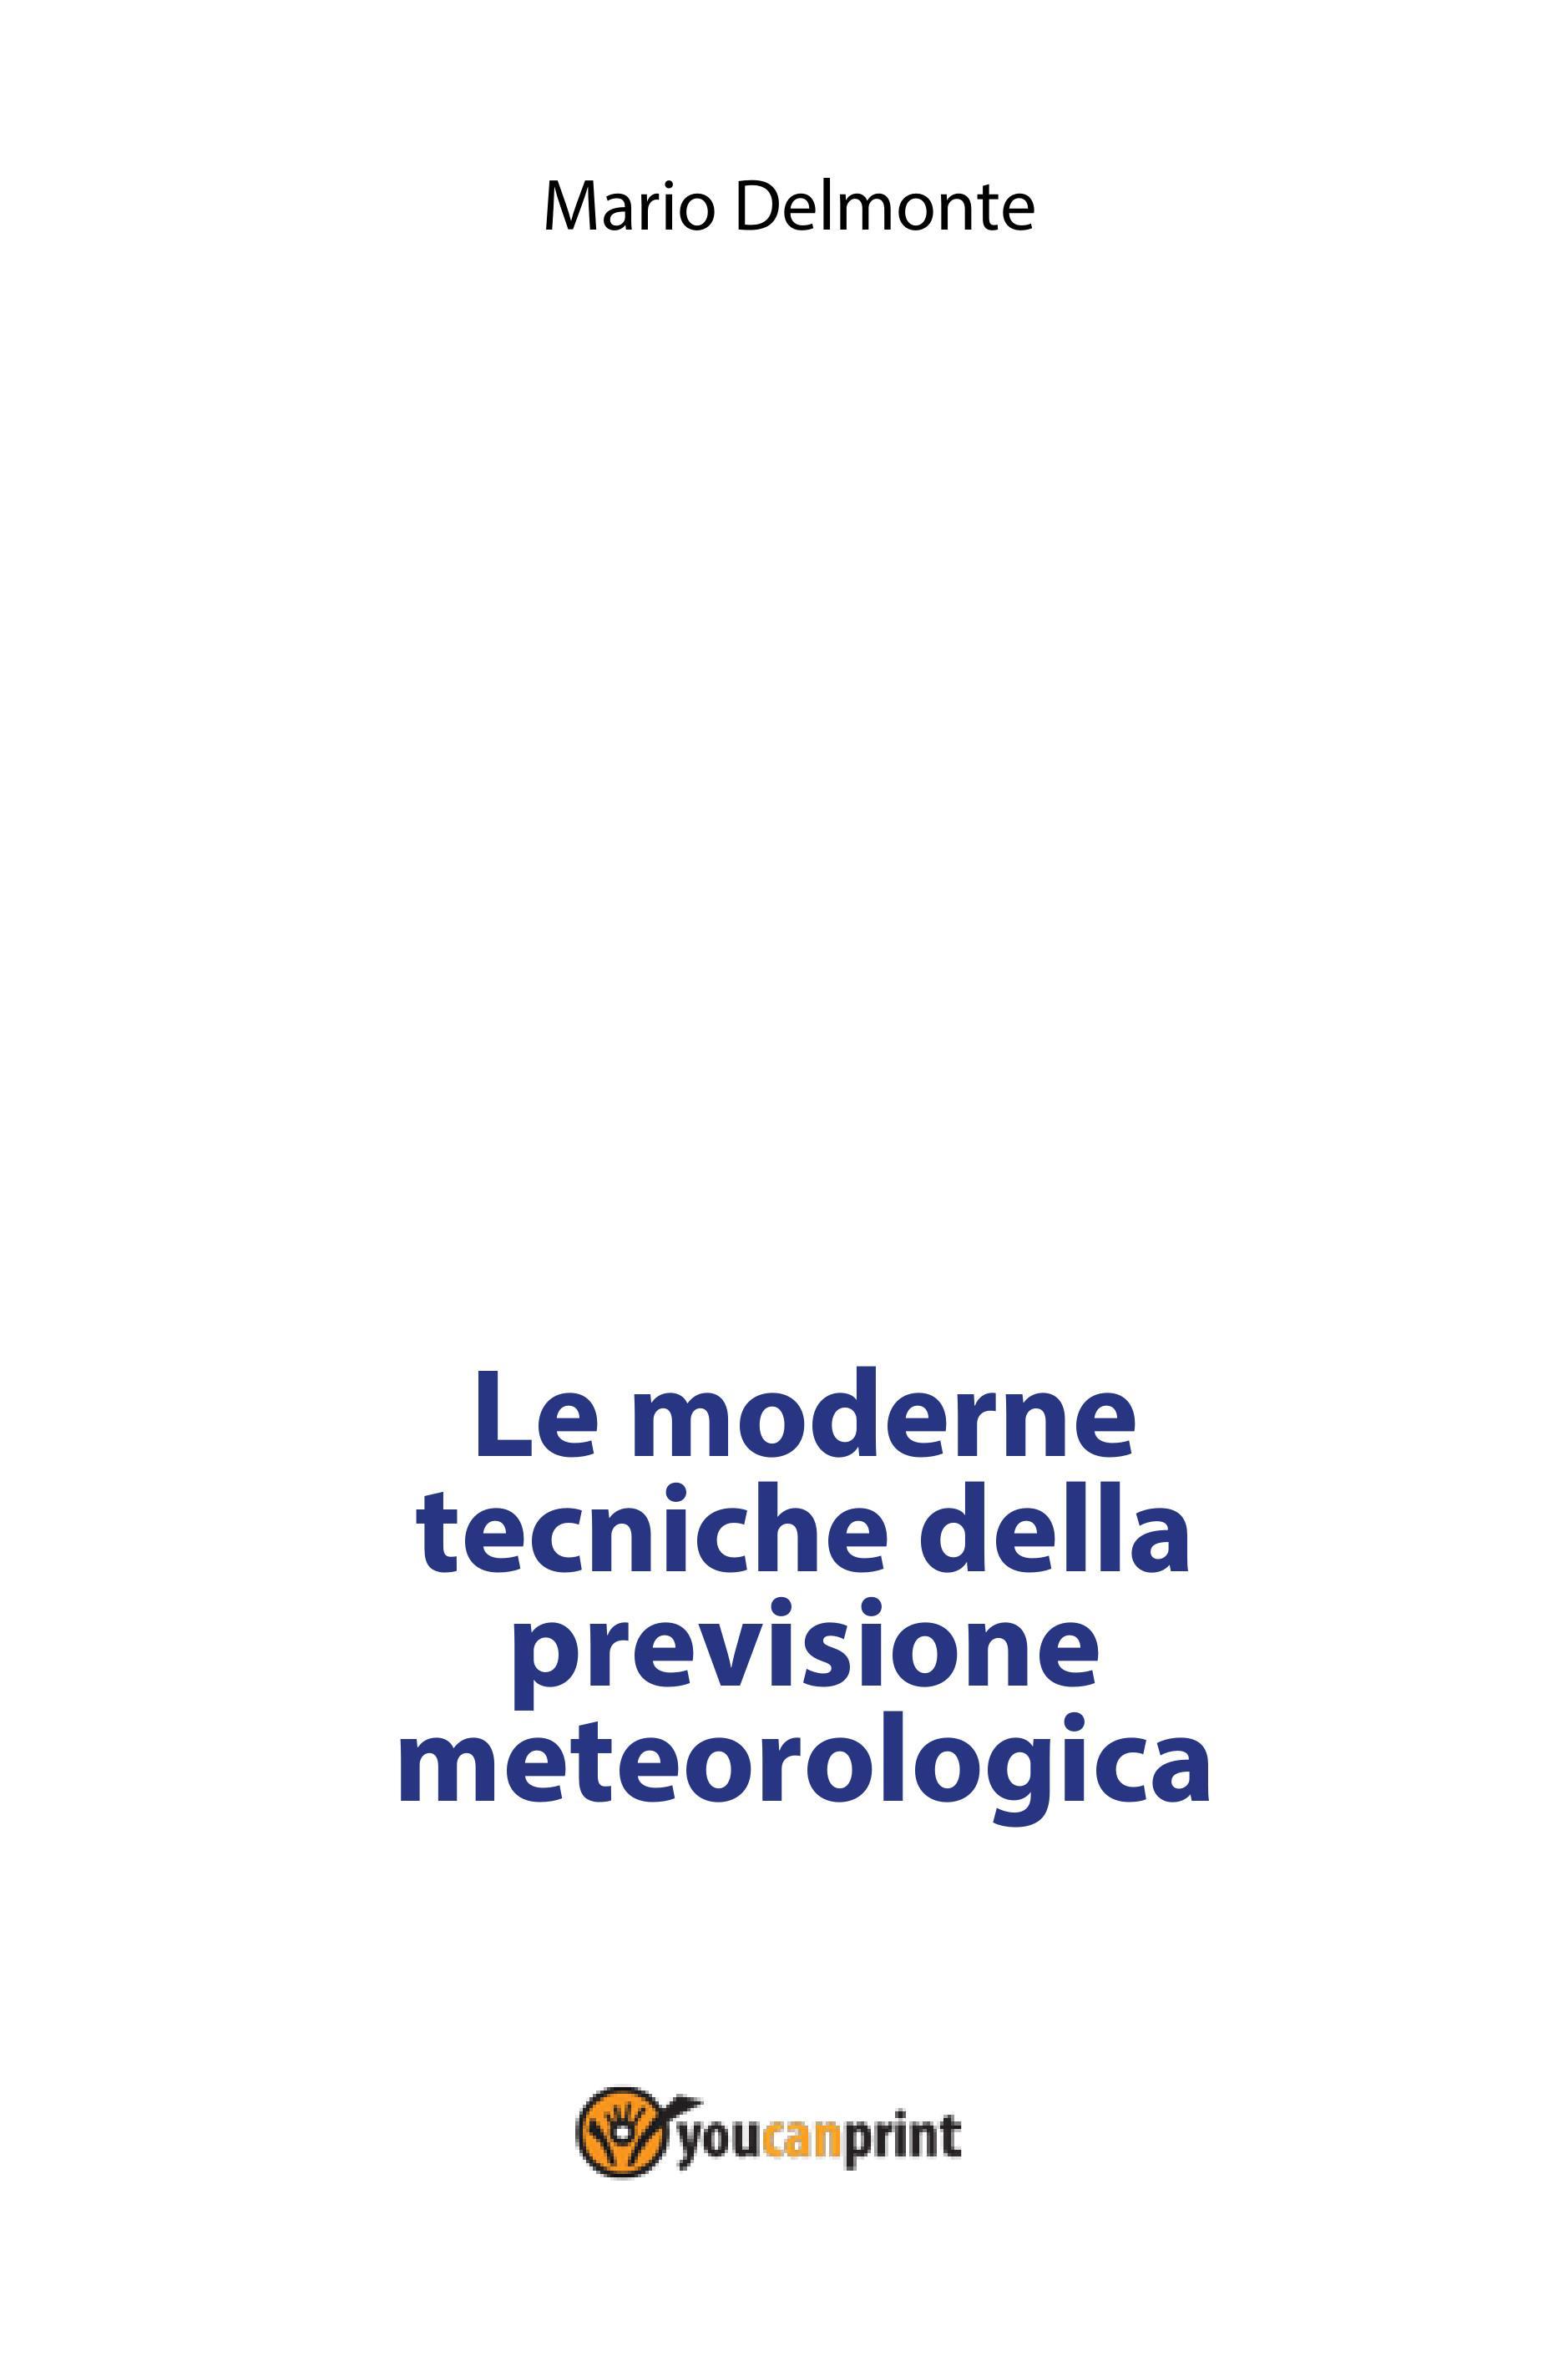 Le moderne tecniche della previsione meteorologica